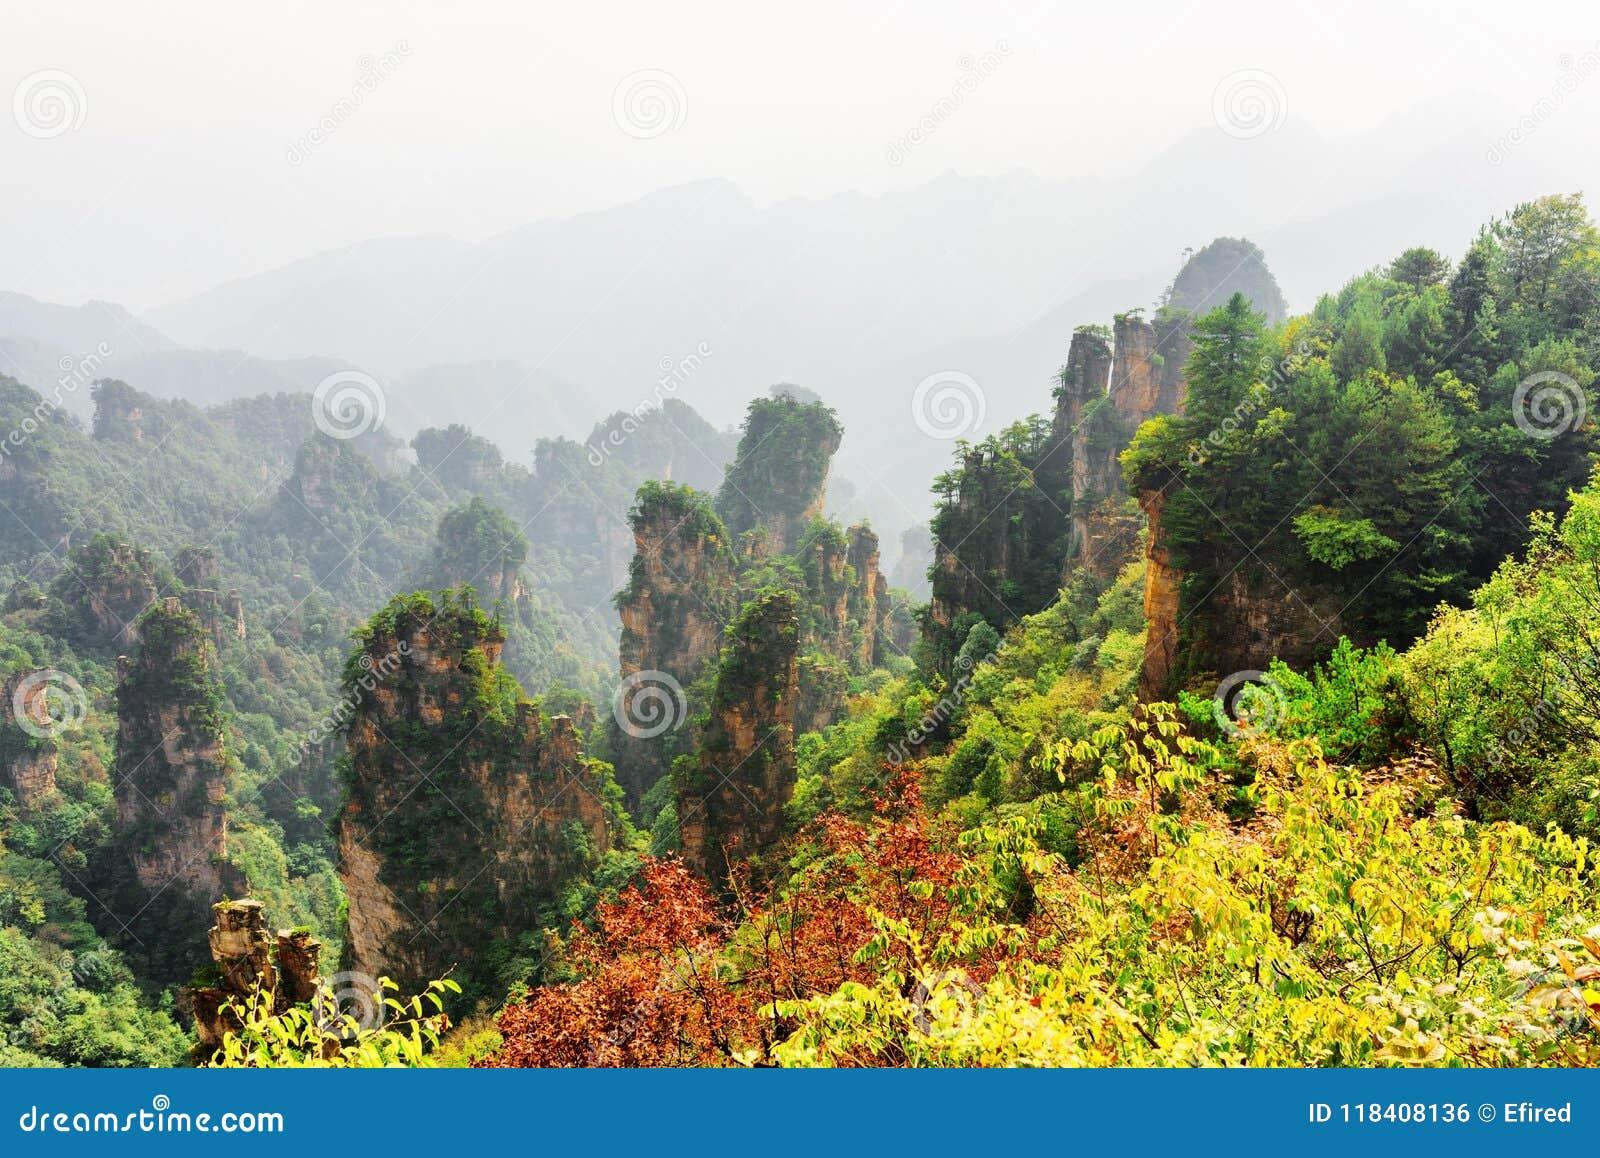 Vista fantástica de colunas naturais arborizadas do arenito de quartzo